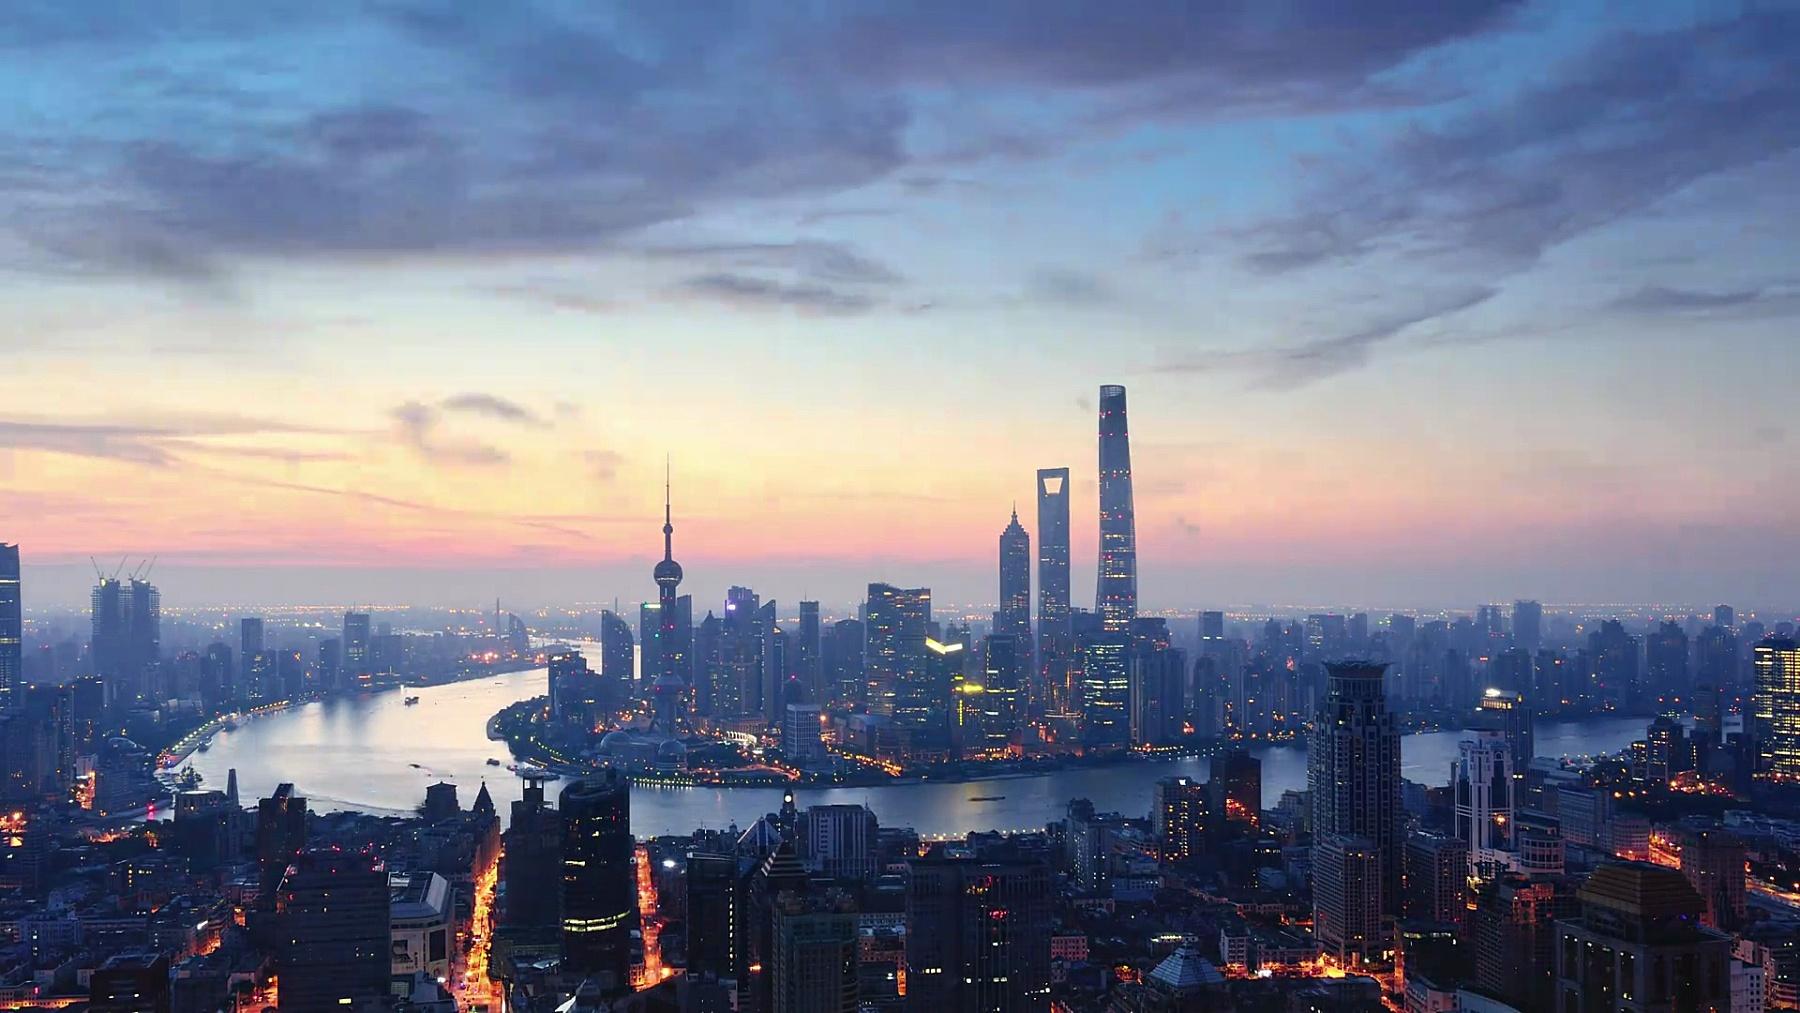 鸟瞰上海,黎明到白天的延时摄影